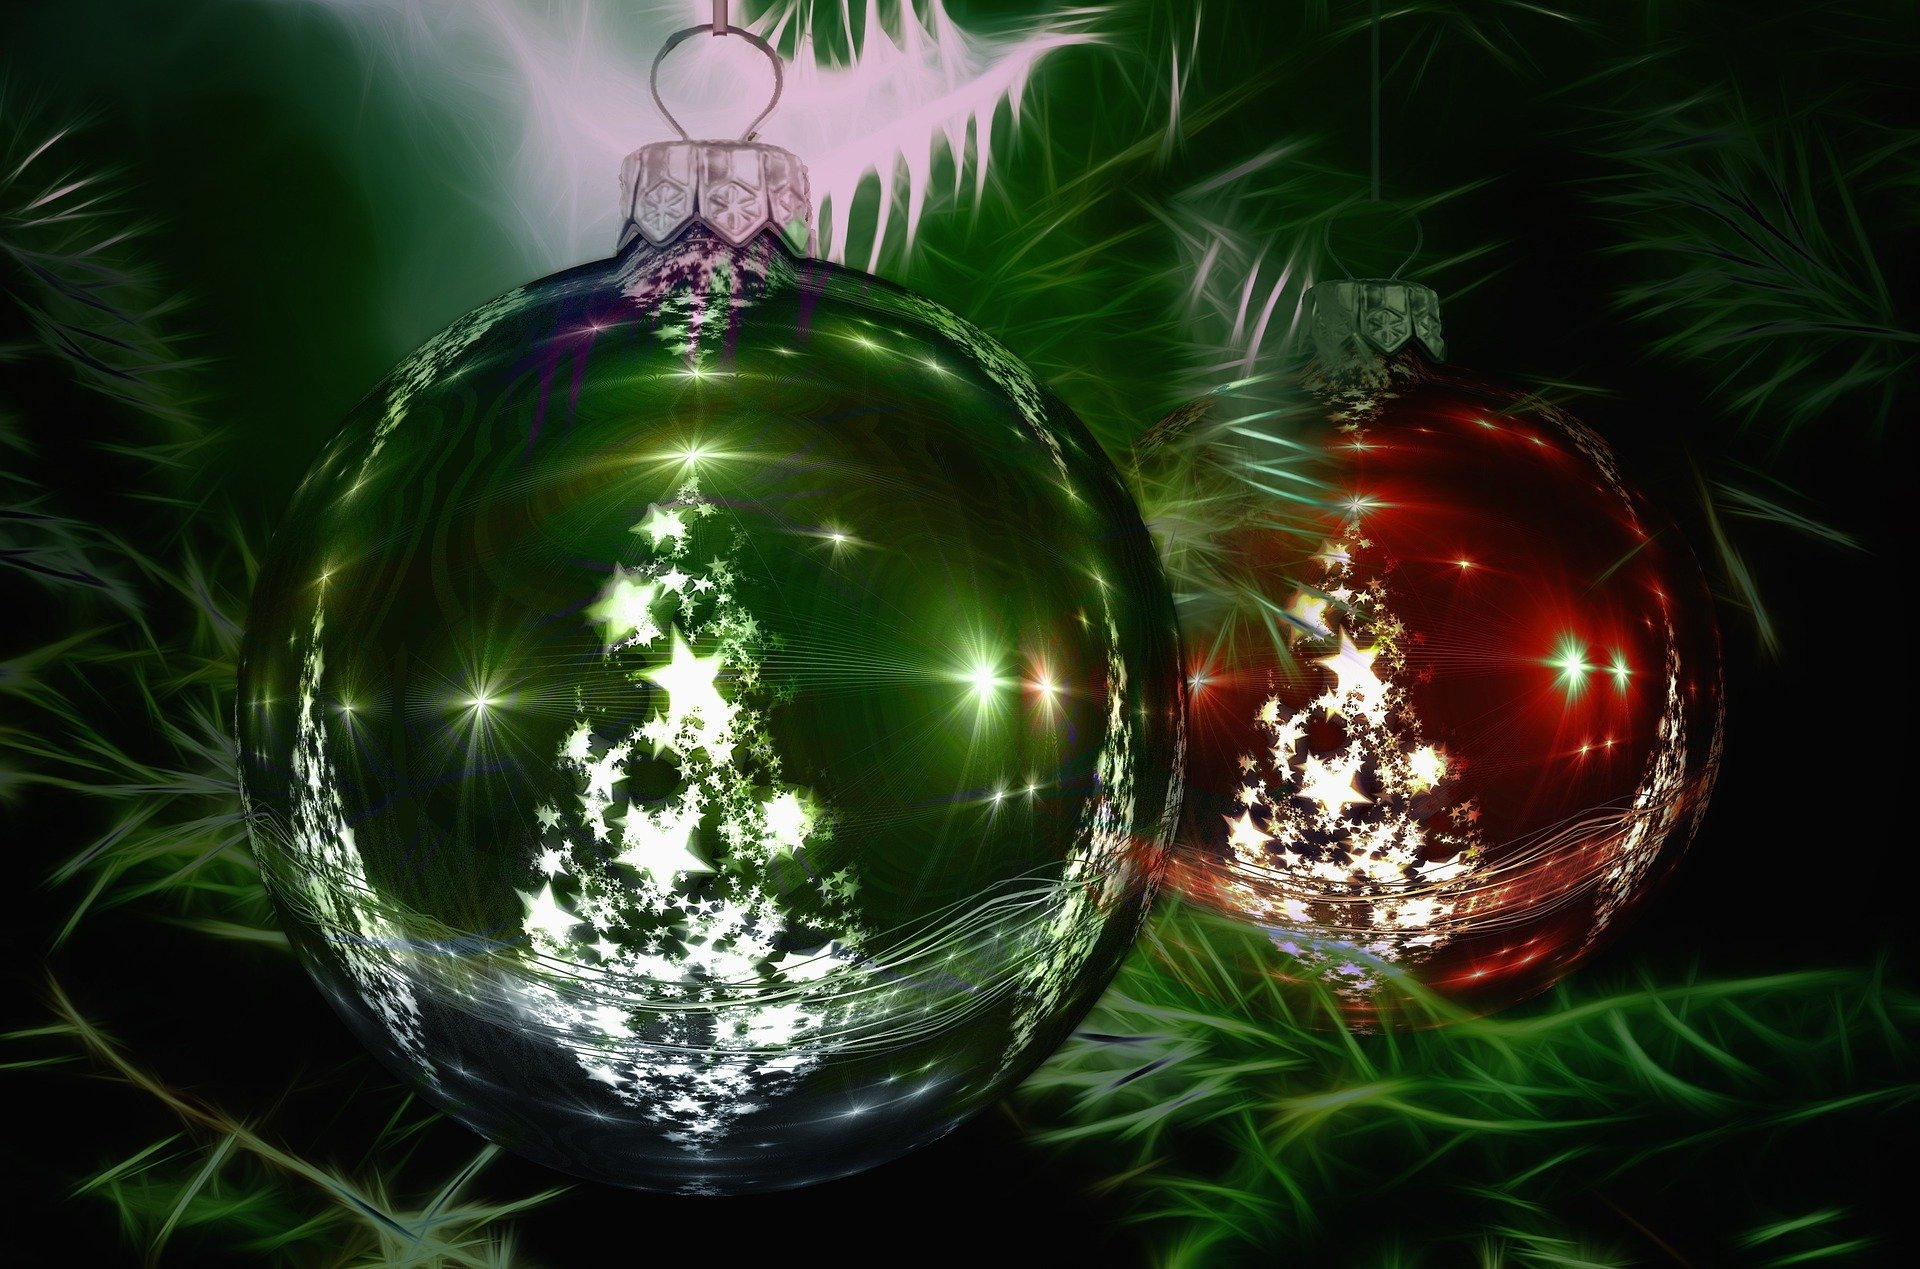 Choinka zielona wierszyk świąteczny dla dzieci